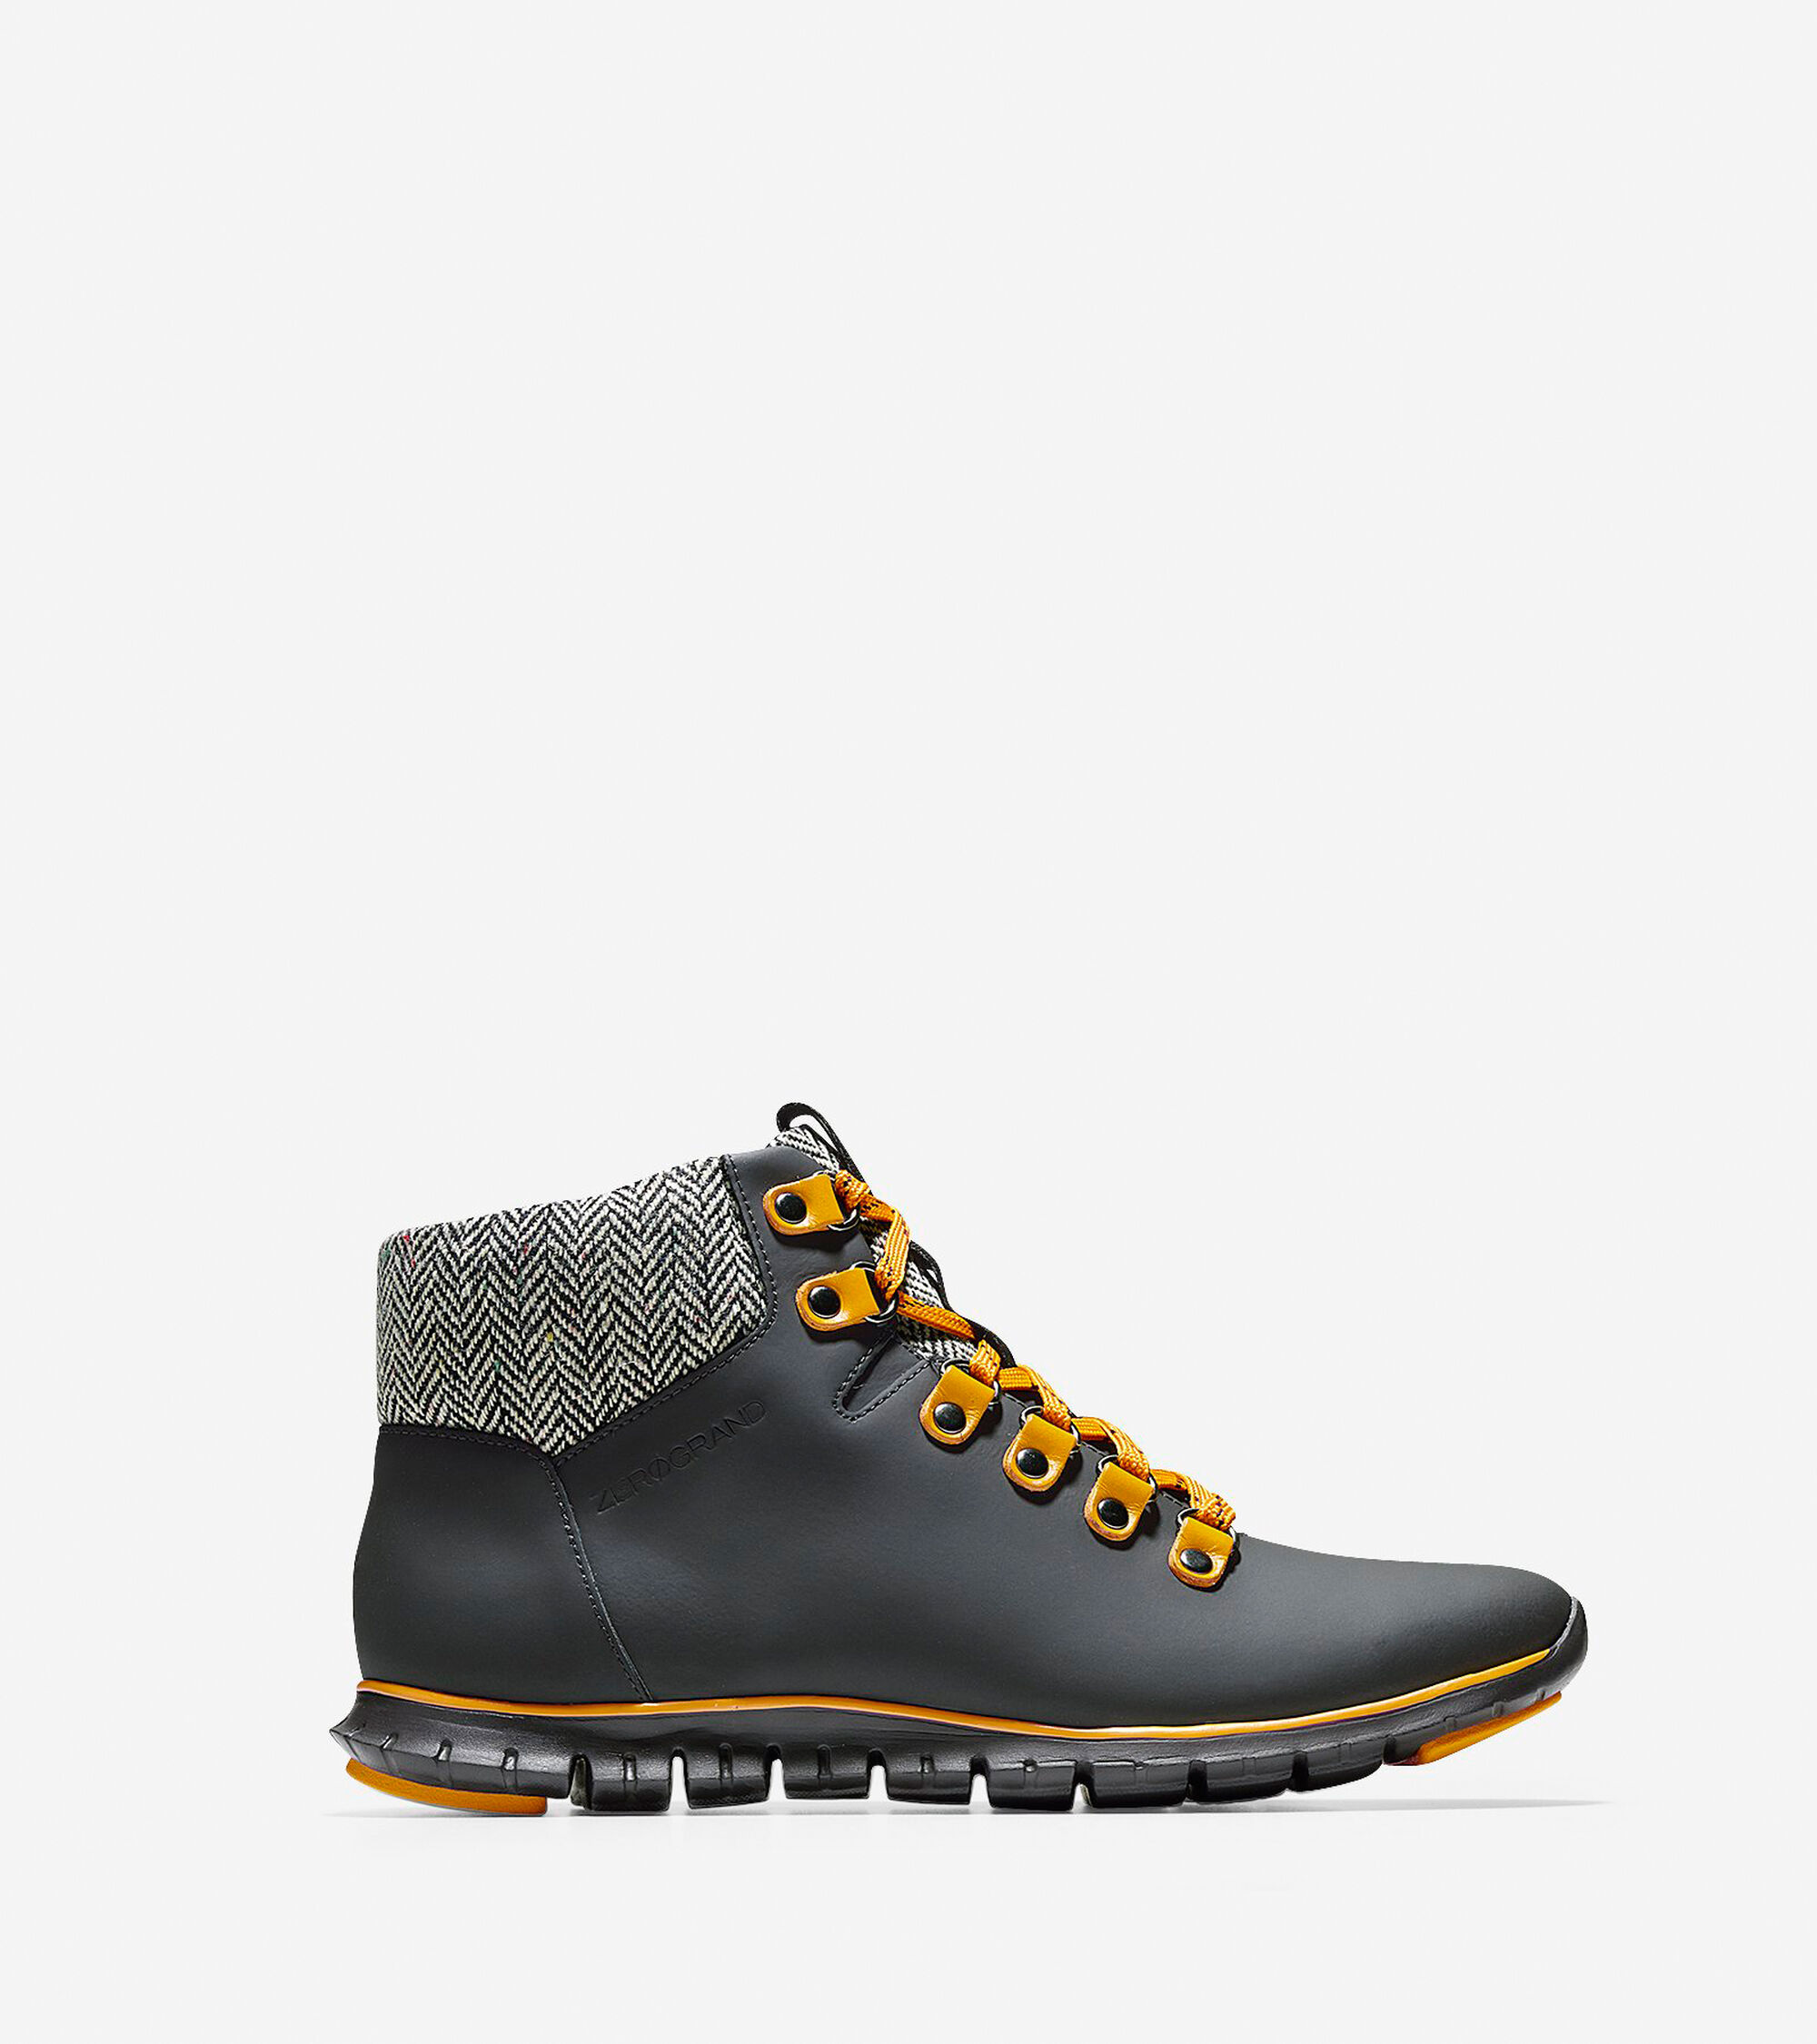 Cole Haan Womens ZEROGRAND Waterproof Hiker Boots